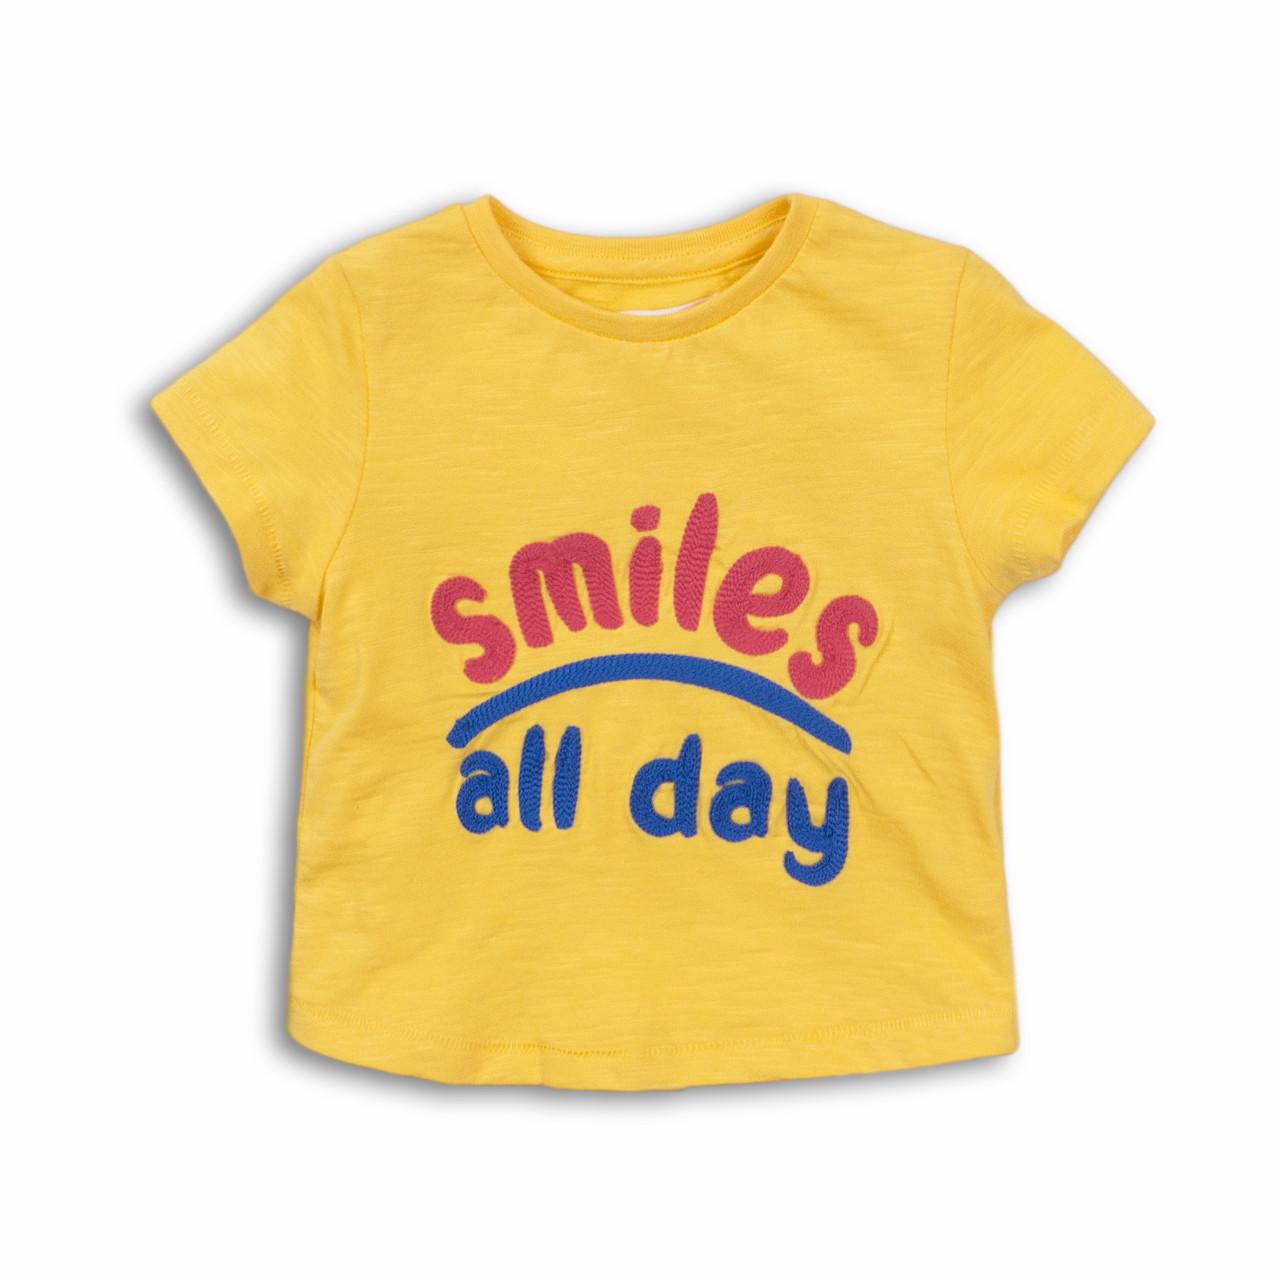 Детская футболка для девочек 1-5 лет, 74/128 см Minoti, 74-80 см